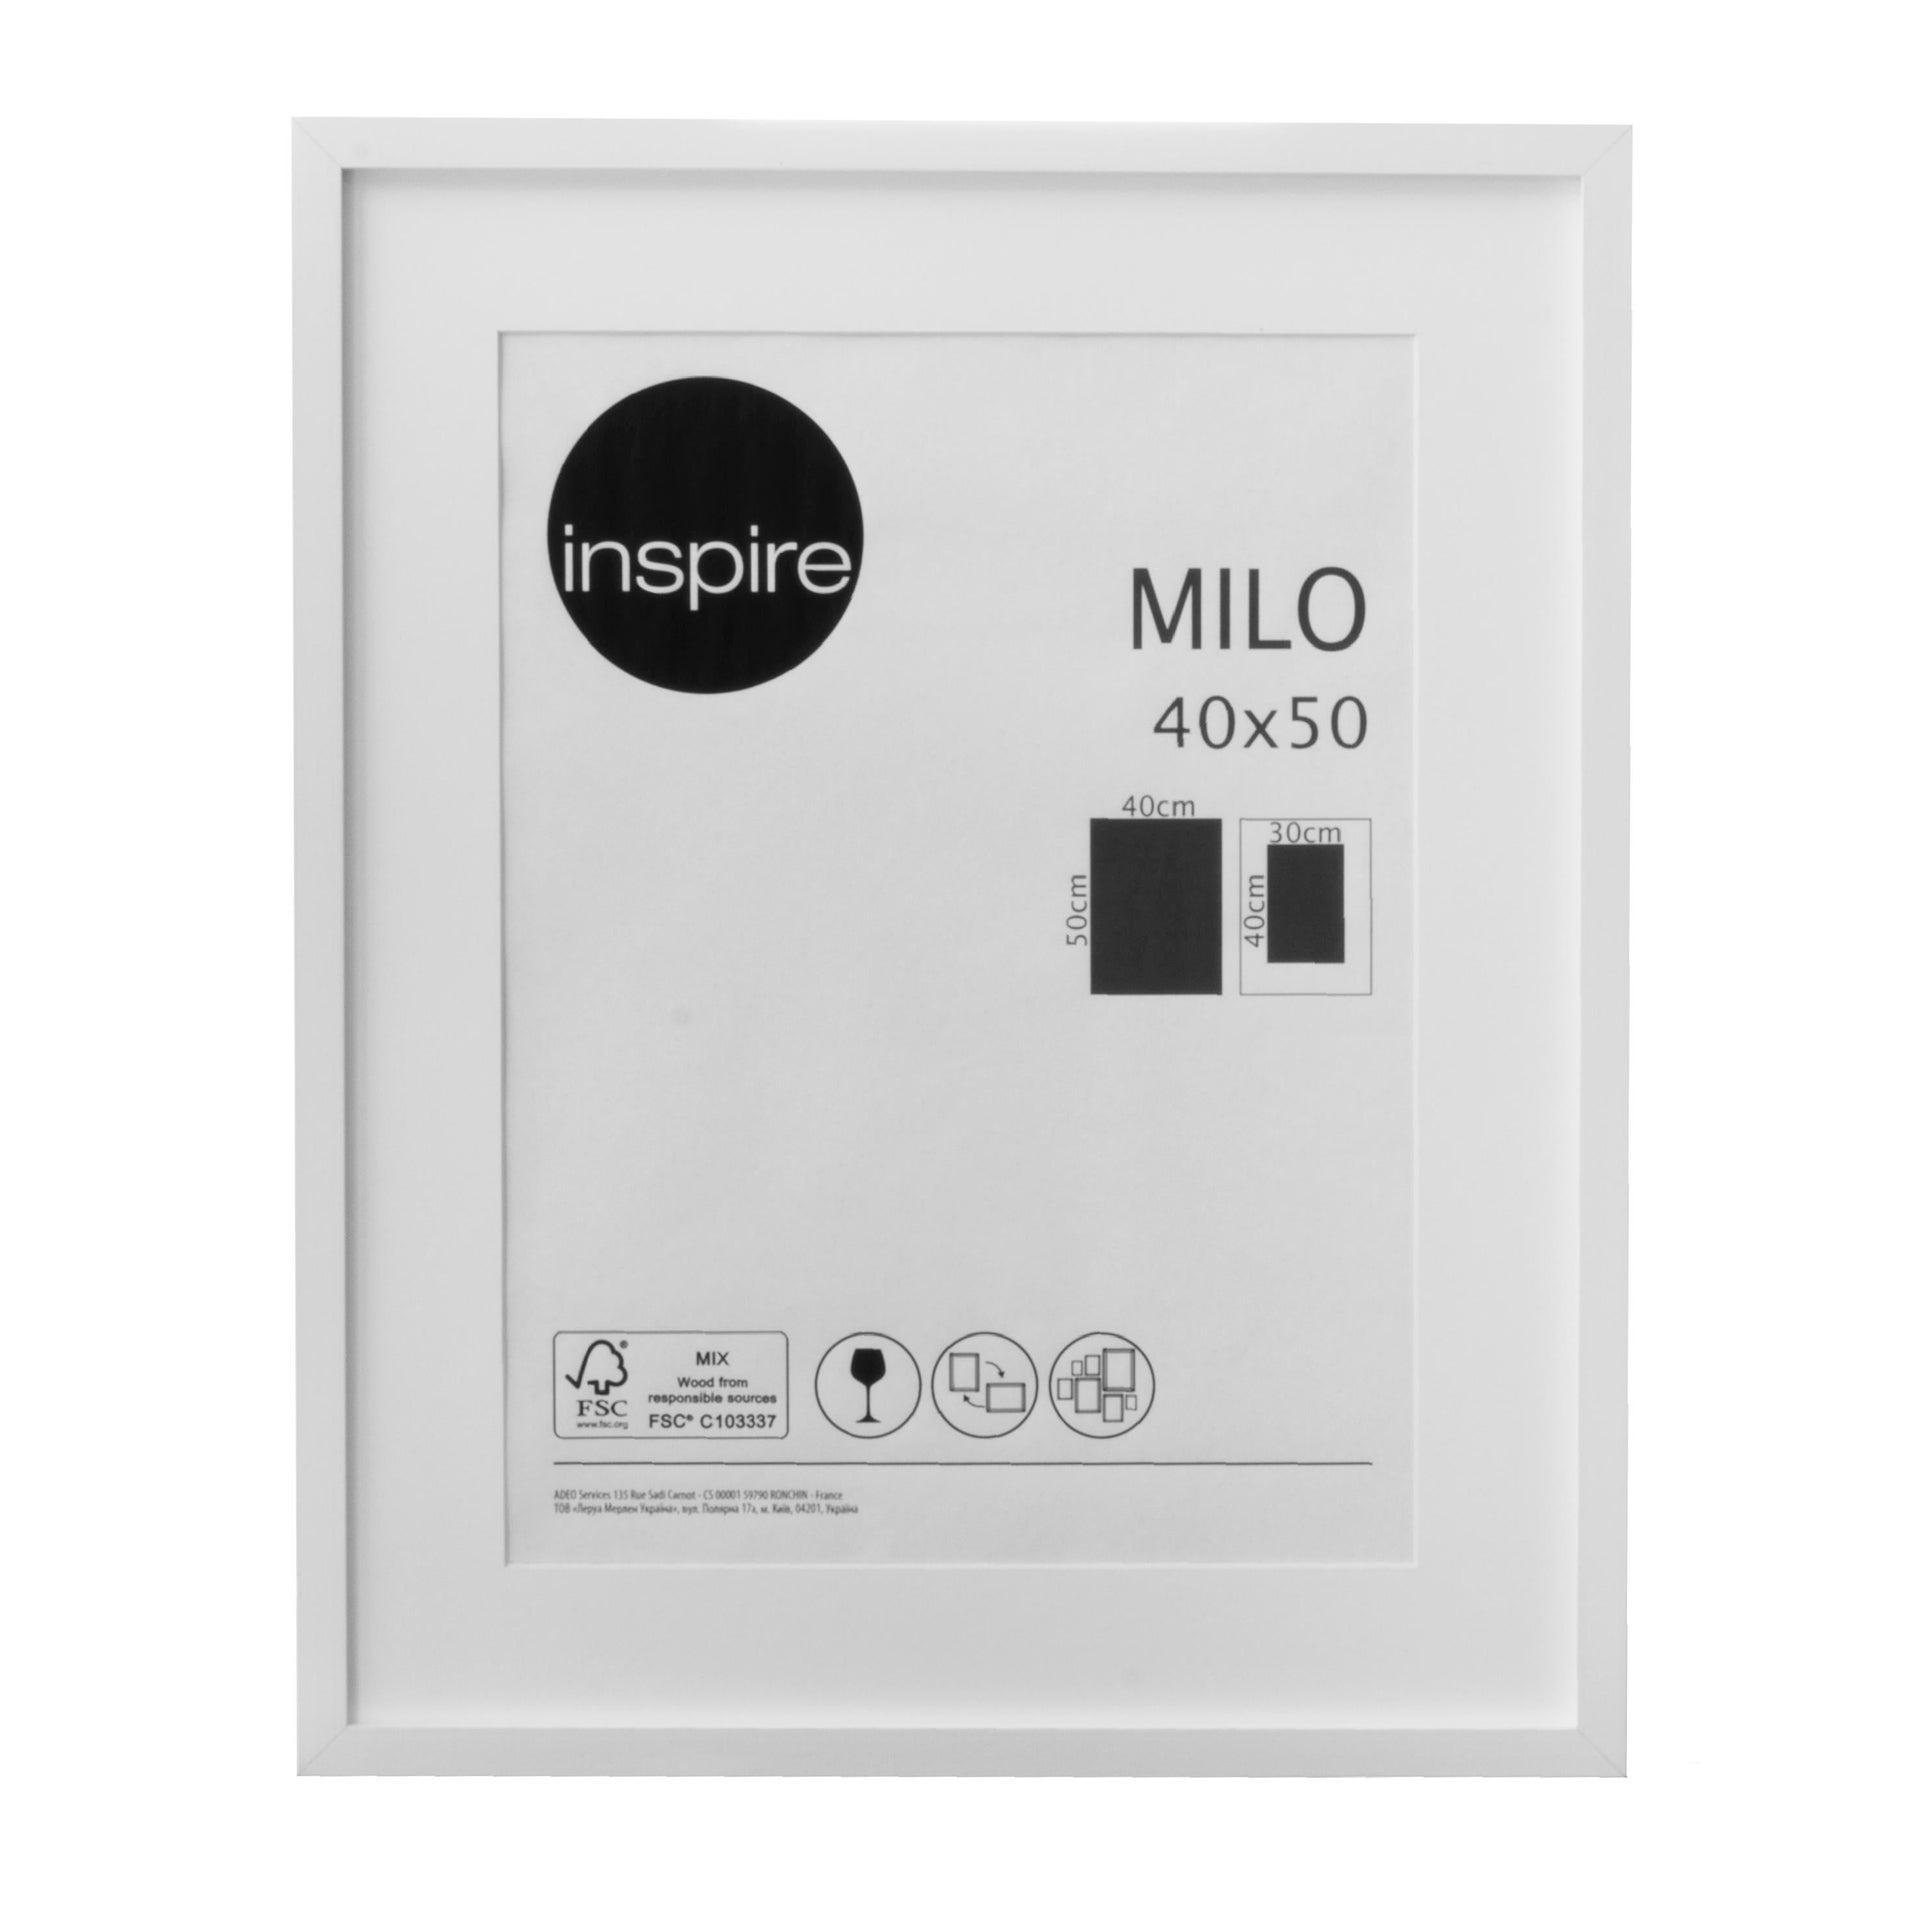 Cornice con passe-partout Inspire milo bianco 40x50 cm - 3